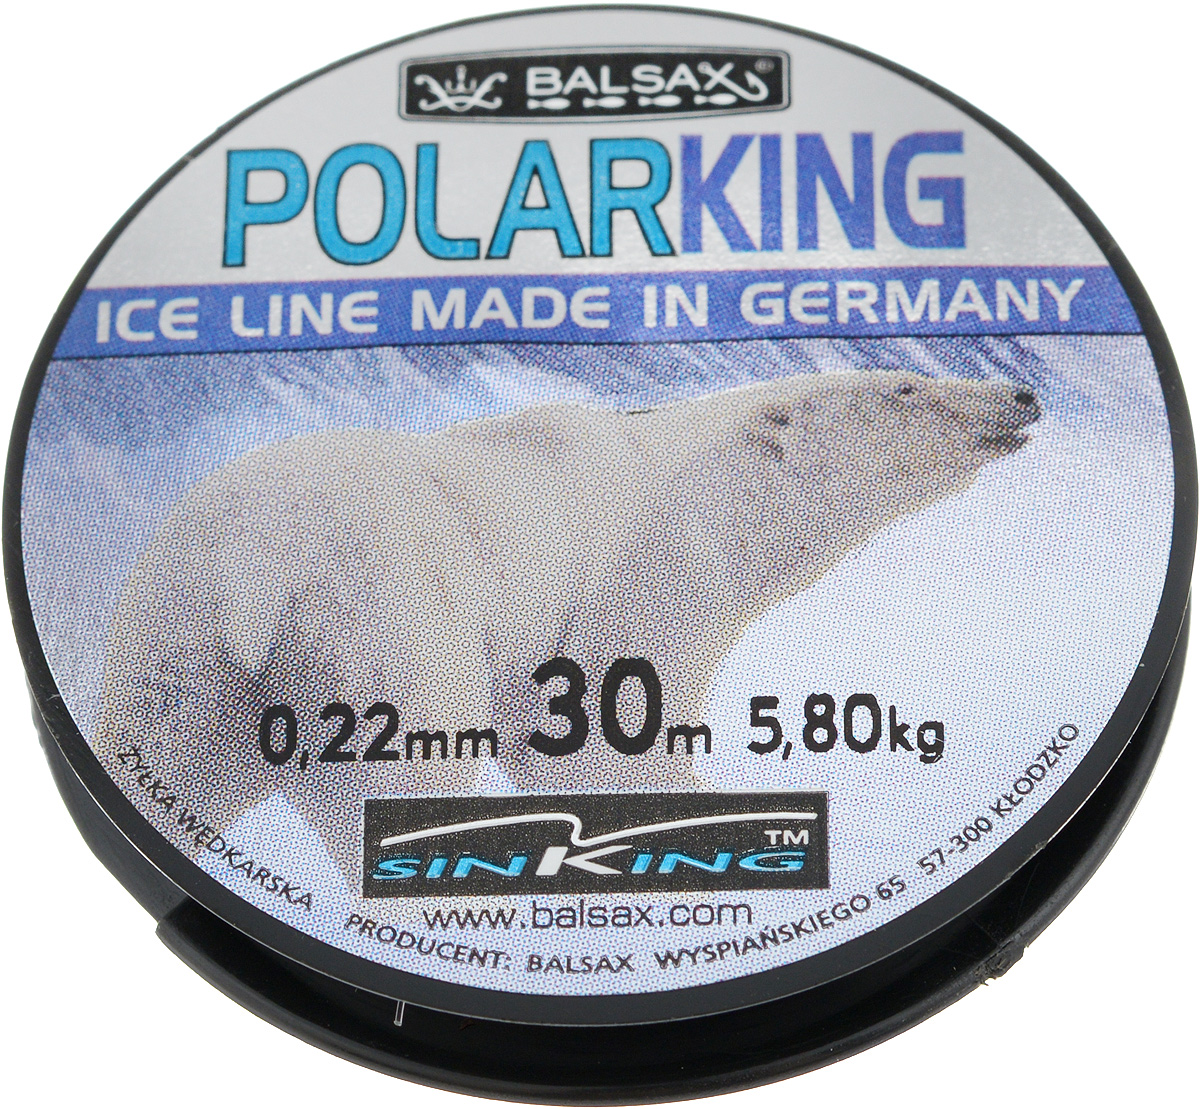 Леска зимняя Balsax Polar King, 30 м, 0,22 мм, 5,8 кг310-13018Леска Balsax Polar King изготовлена из 100% нейлона и очень хорошо выдерживает низкие температуры. Даже в самом холодном климате, при температуре вплоть до -40°C, она сохраняет свои свойства практически без изменений, в то время как традиционные лески становятся менее эластичными и теряют прочность.Поверхность лески обработана таким образом, что она не обмерзает и отлично подходит для подледного лова. Прочна в местах вязки узлов даже при минимальном диаметре.